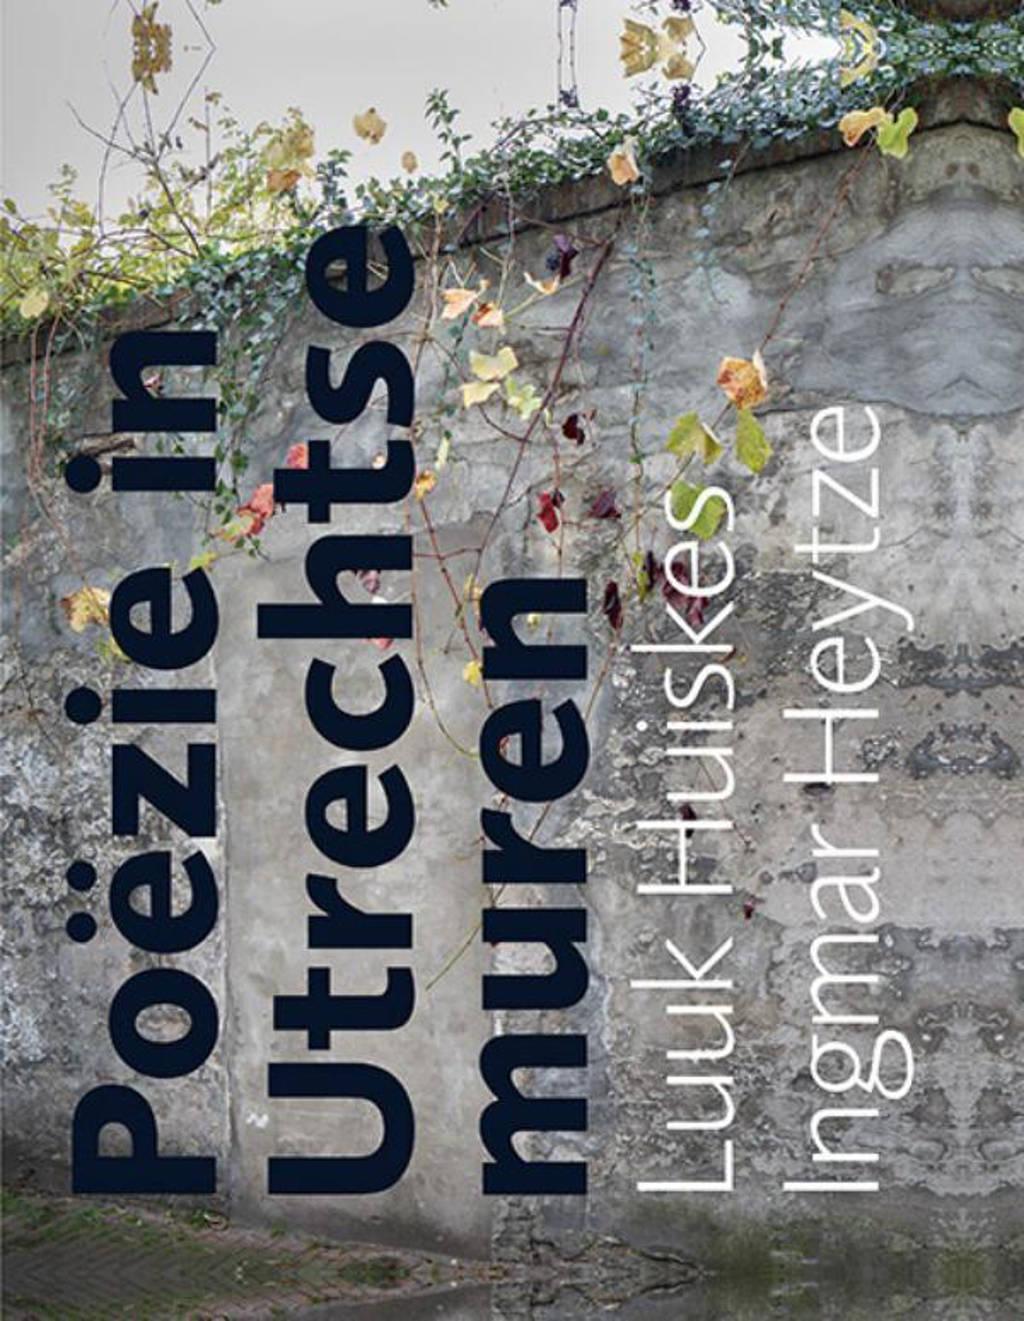 Poëzie in Utrechtse muren - Ingmar Heytze